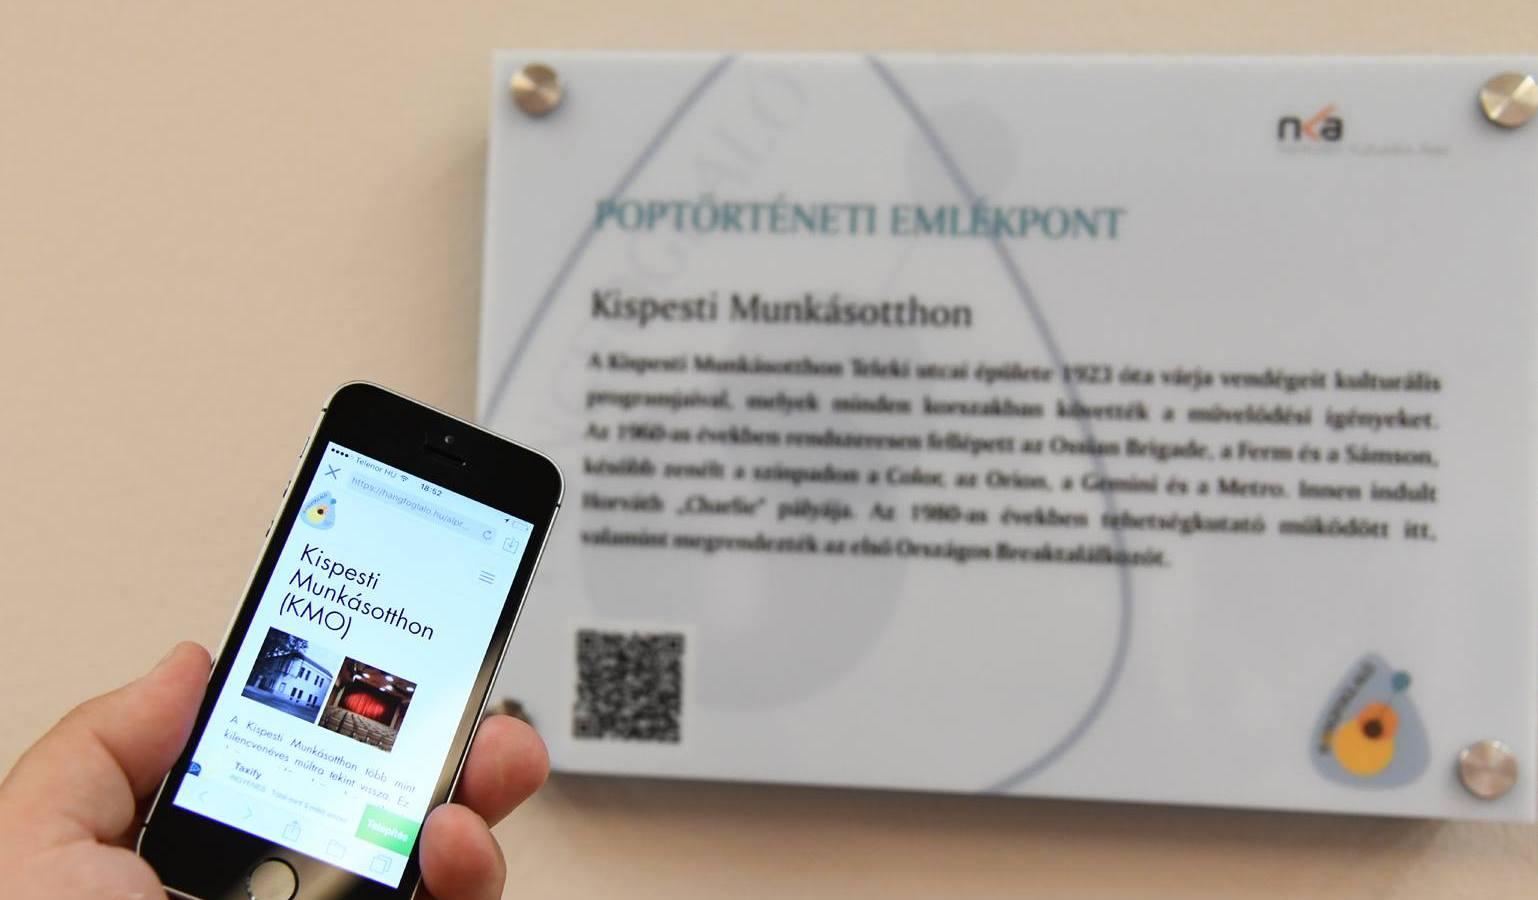 Fotó: KMO. Ne kérdezzétek, miért a tábla vesztetta telefonnal szemben az élsességért folytatott küzdelemben...